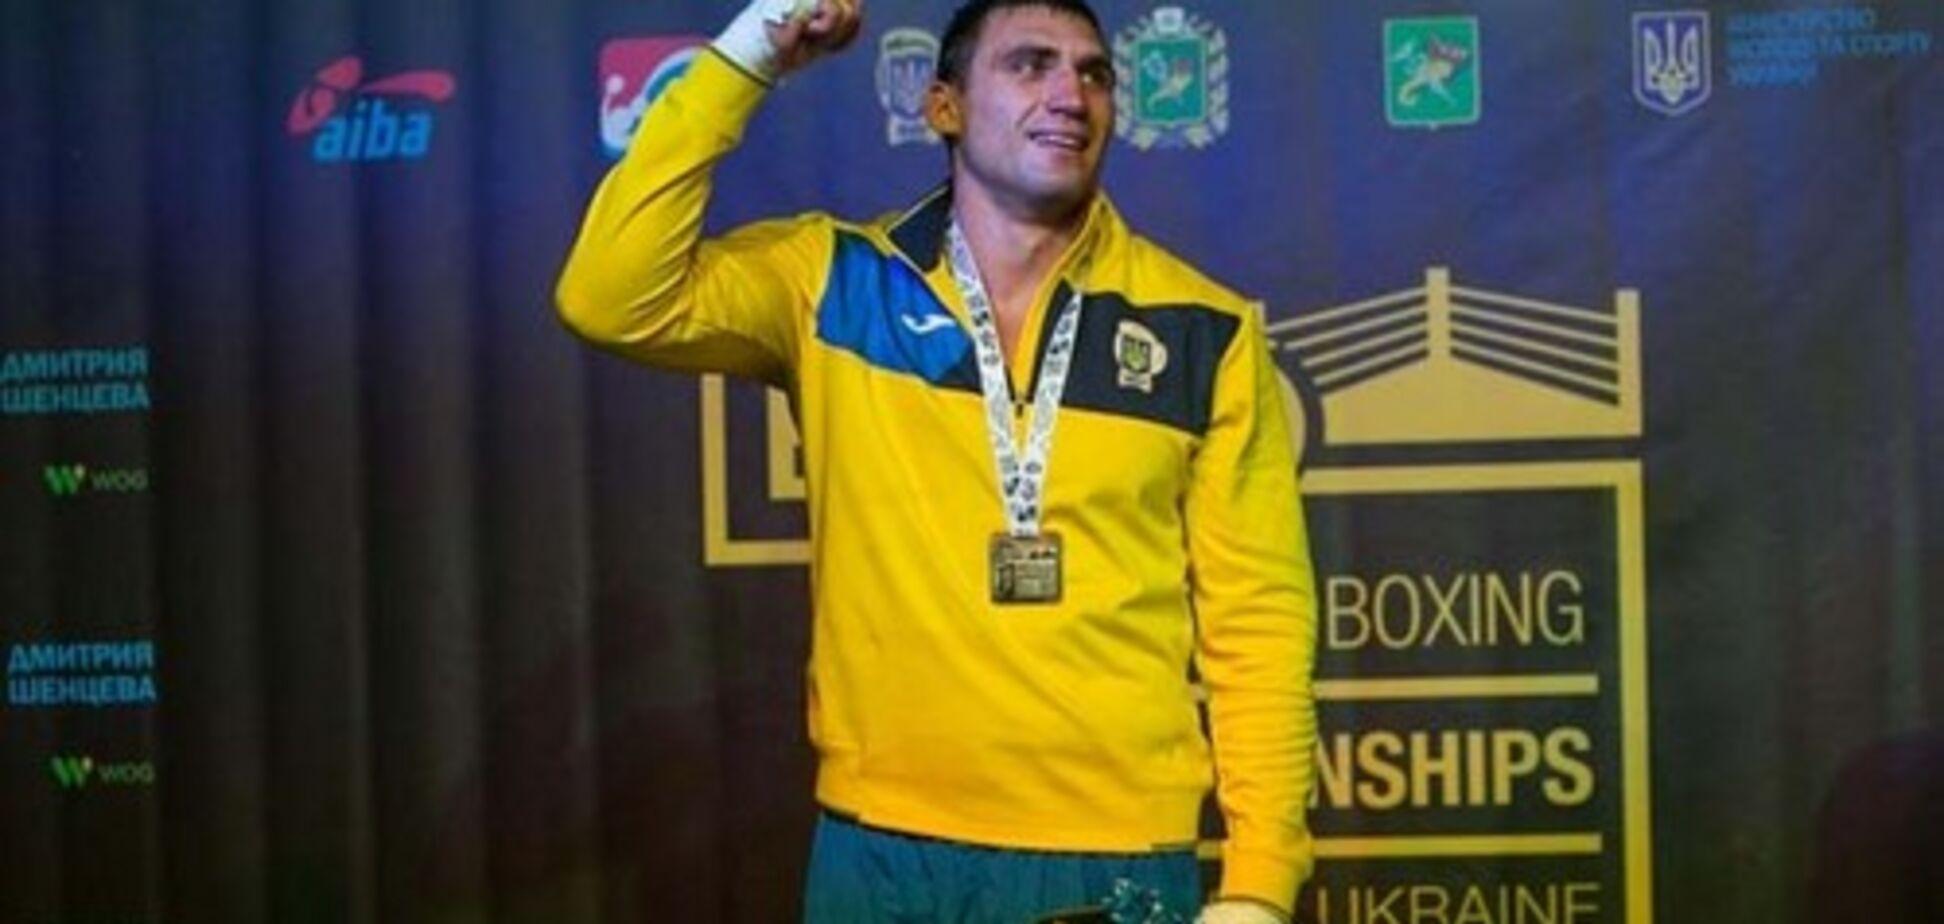 Известный украинский боксер попал на афишу чемпионата Германии